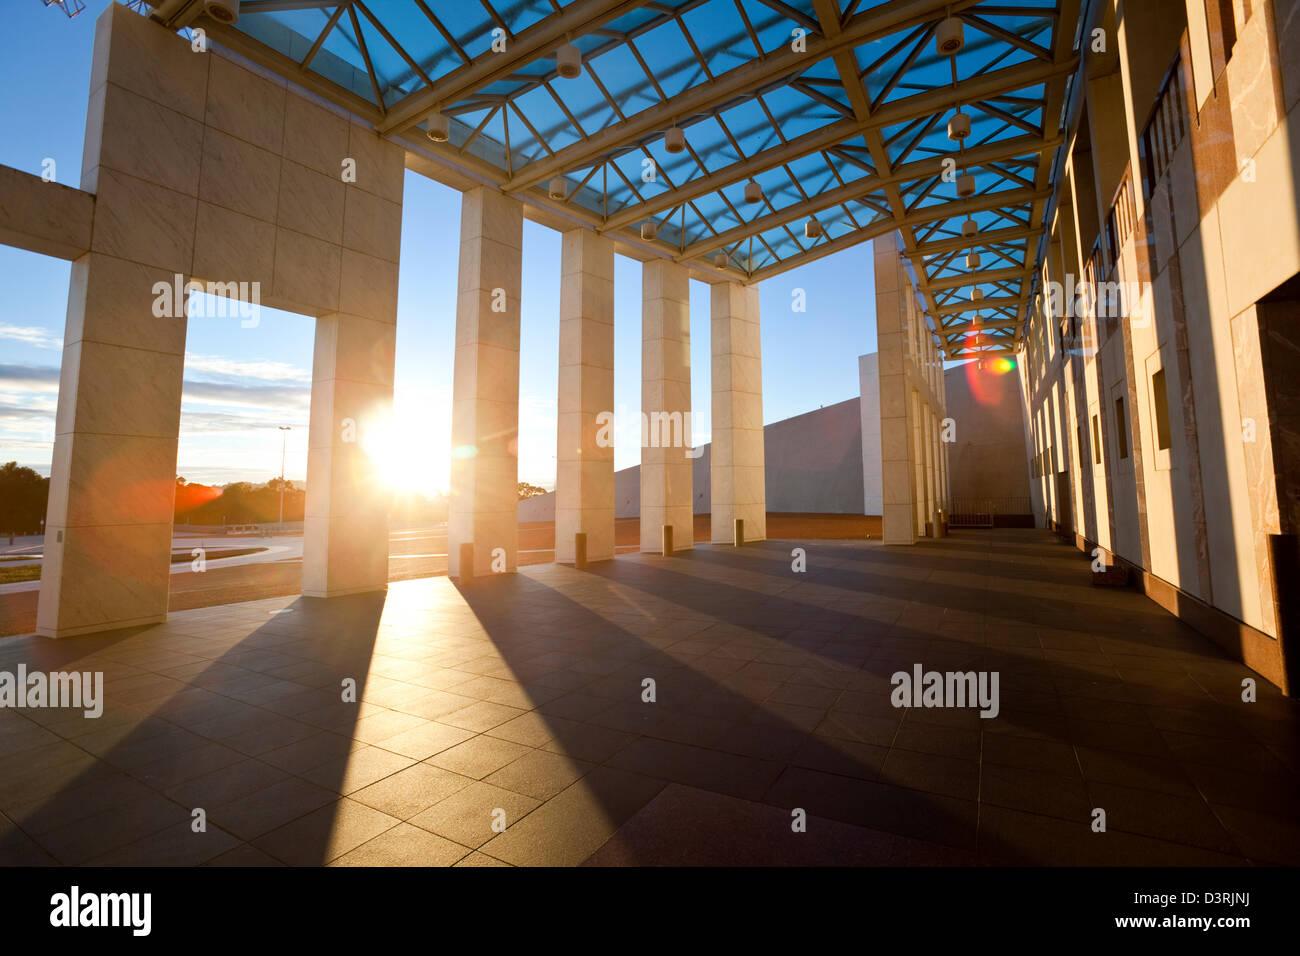 Bianca facciata in marmo del grande veranda al Parlamento. Canberra, Australian Capital Territory (ACT), Australia Immagini Stock